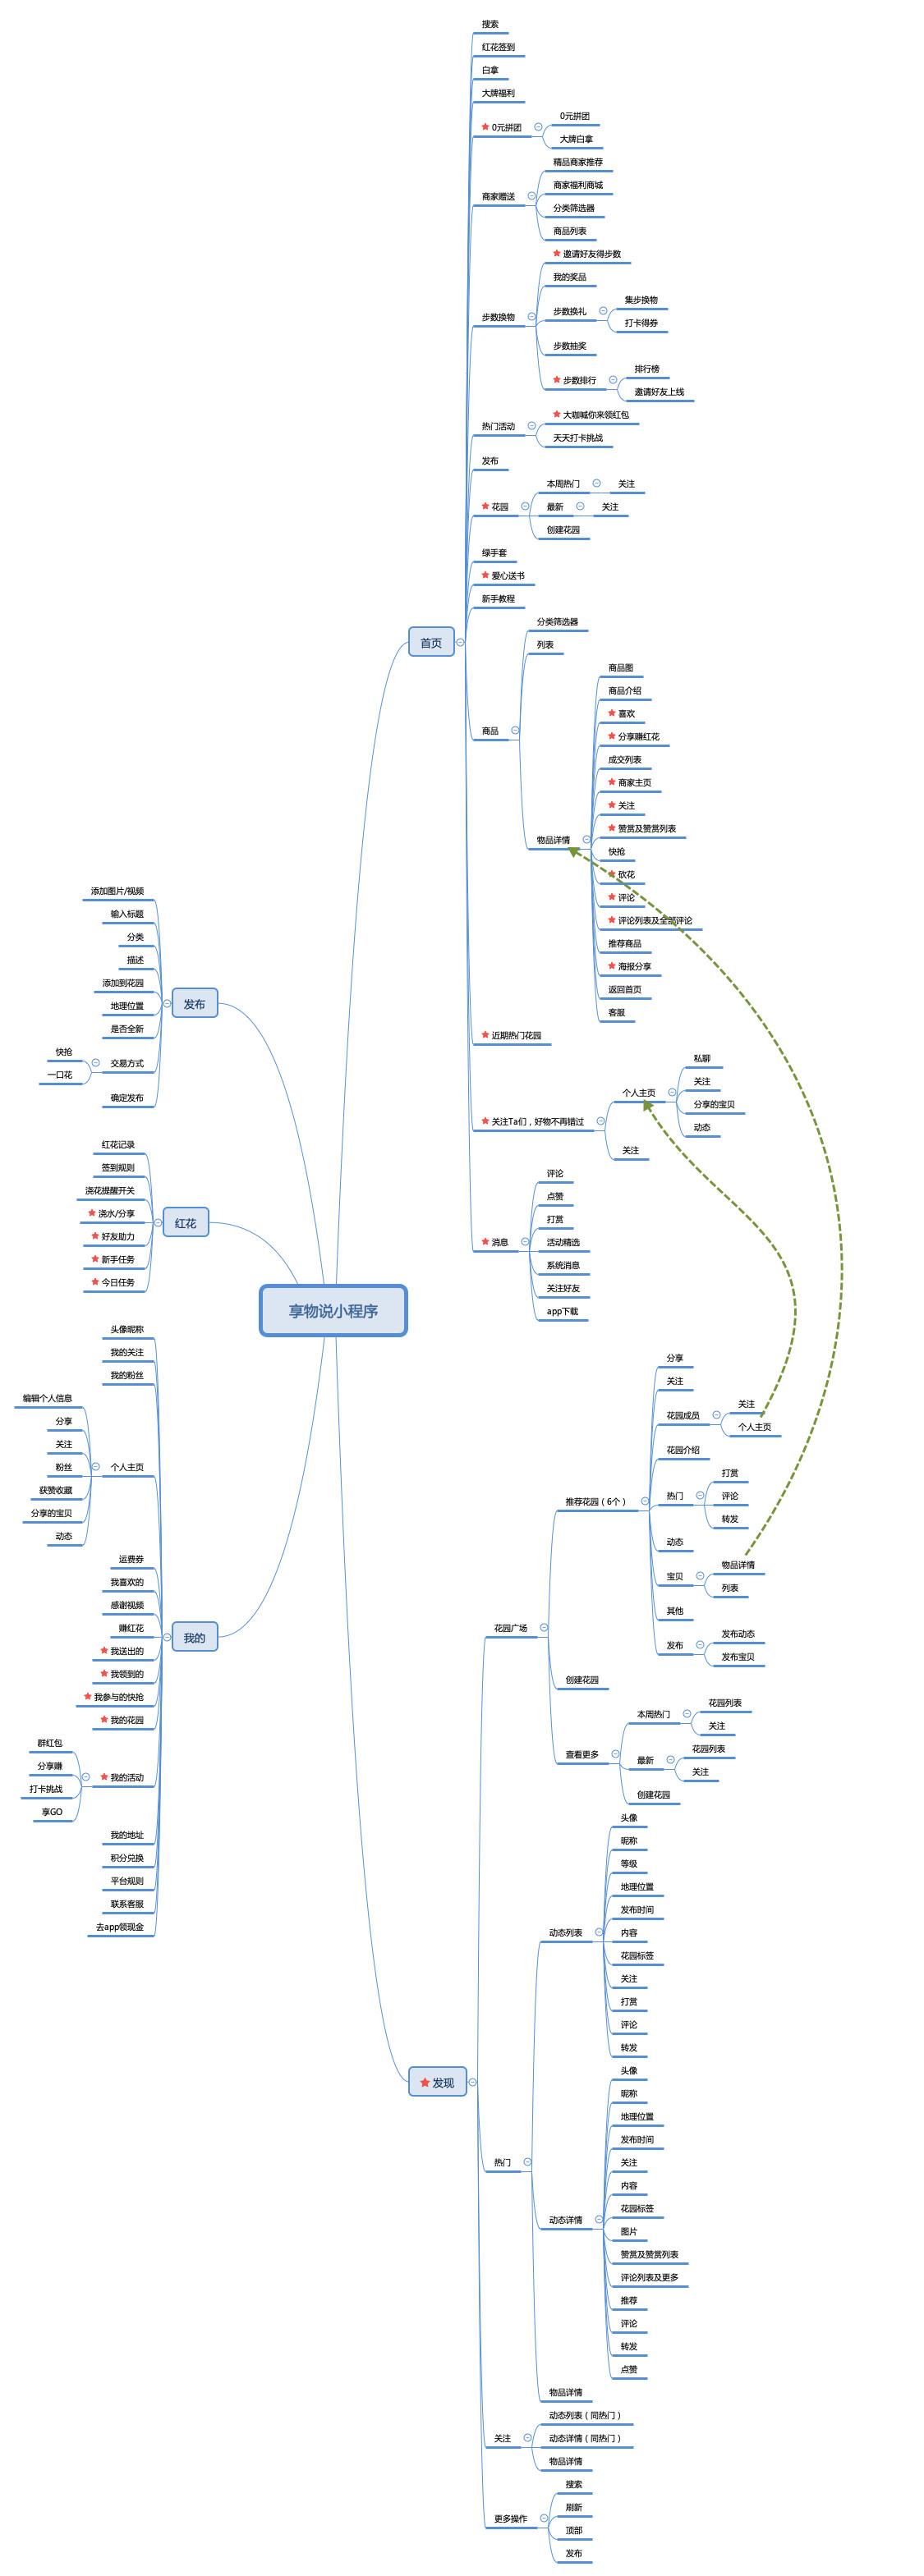 享物说HMW法优化平台社交需求分析